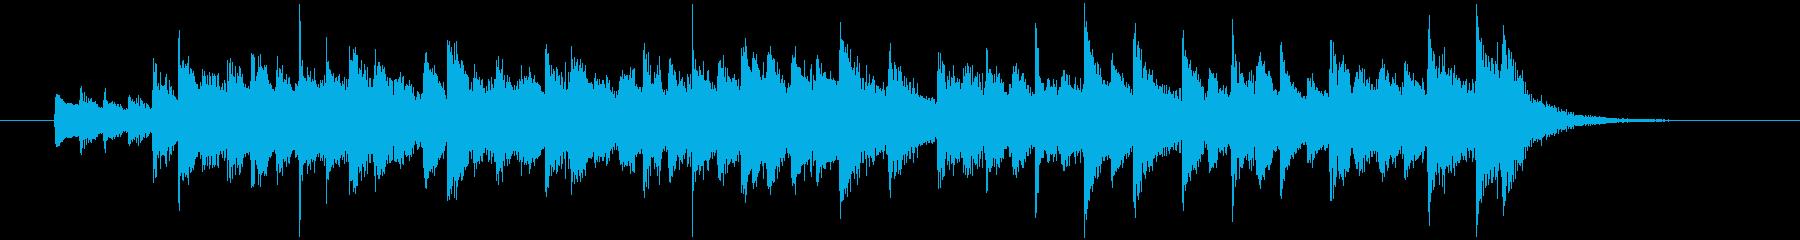 ハープの音色、ファンタジックなジングルの再生済みの波形